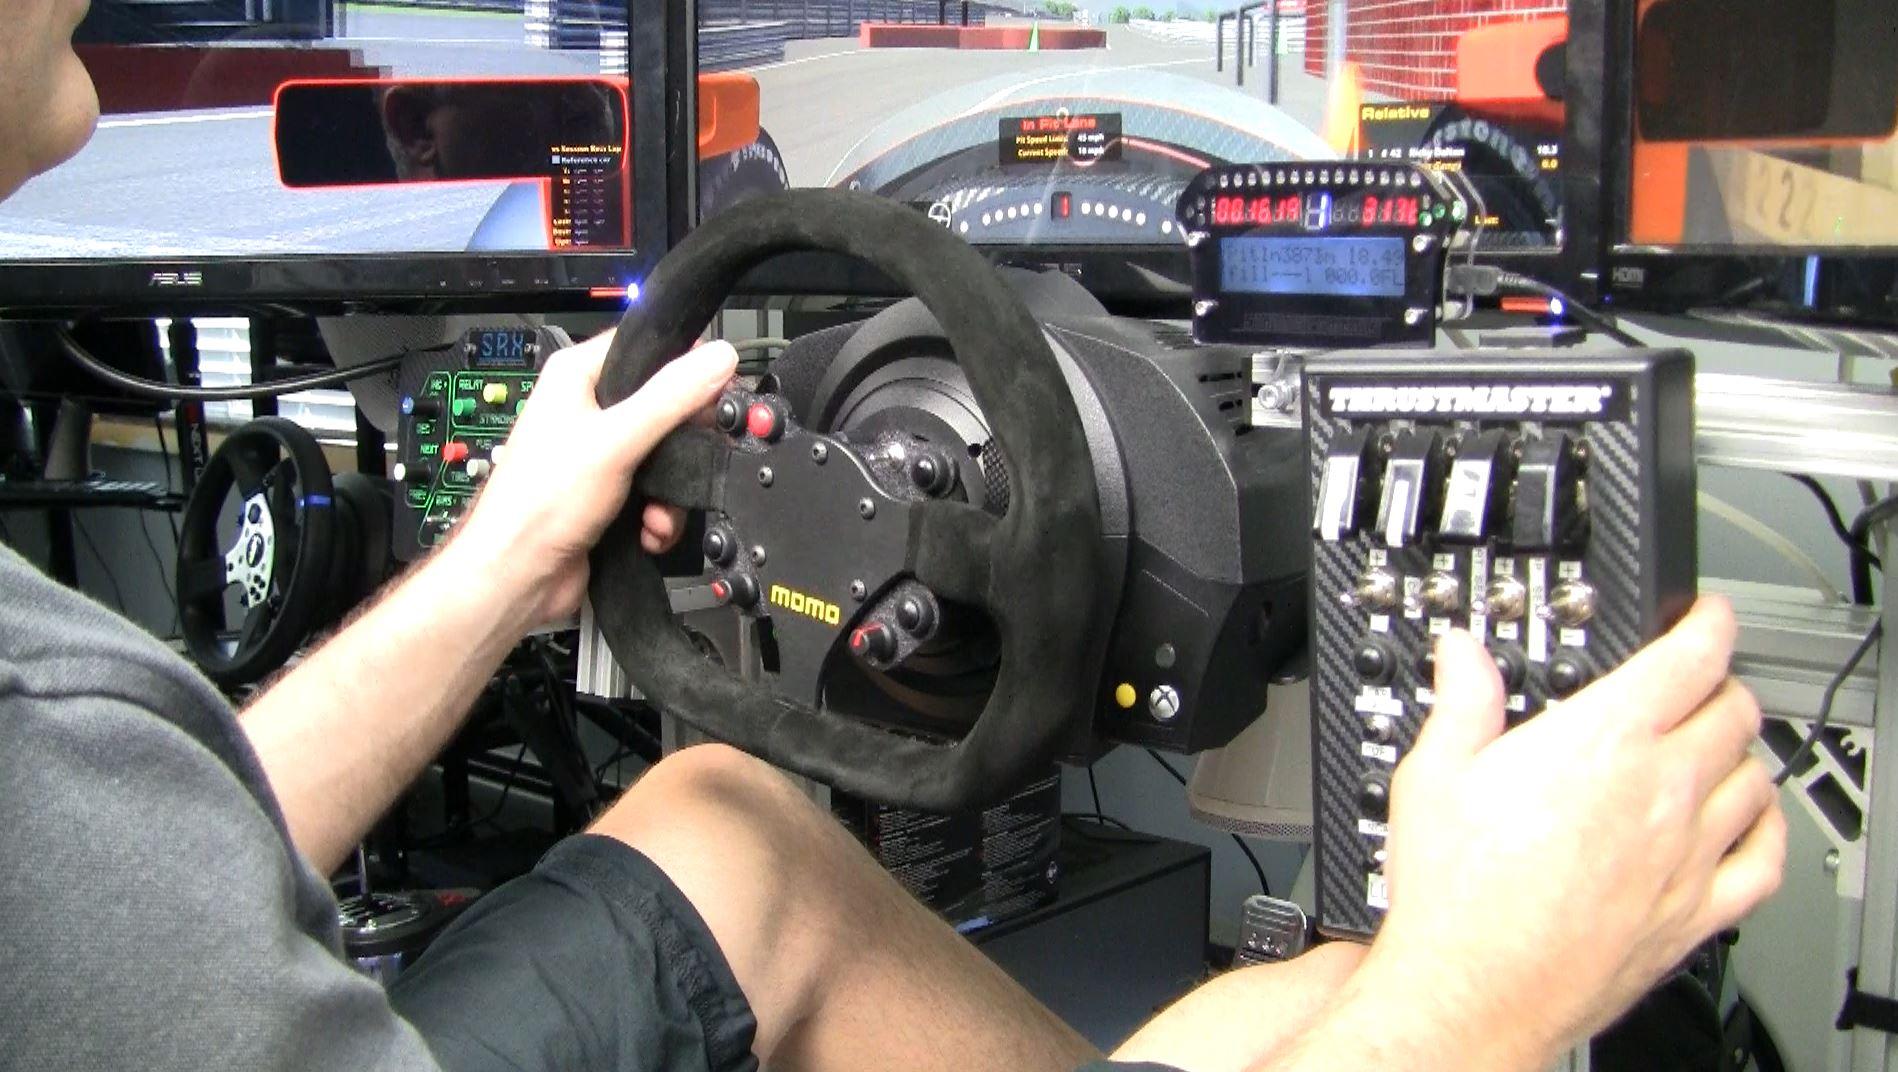 Thrustmaster Steering Wheel Adapters